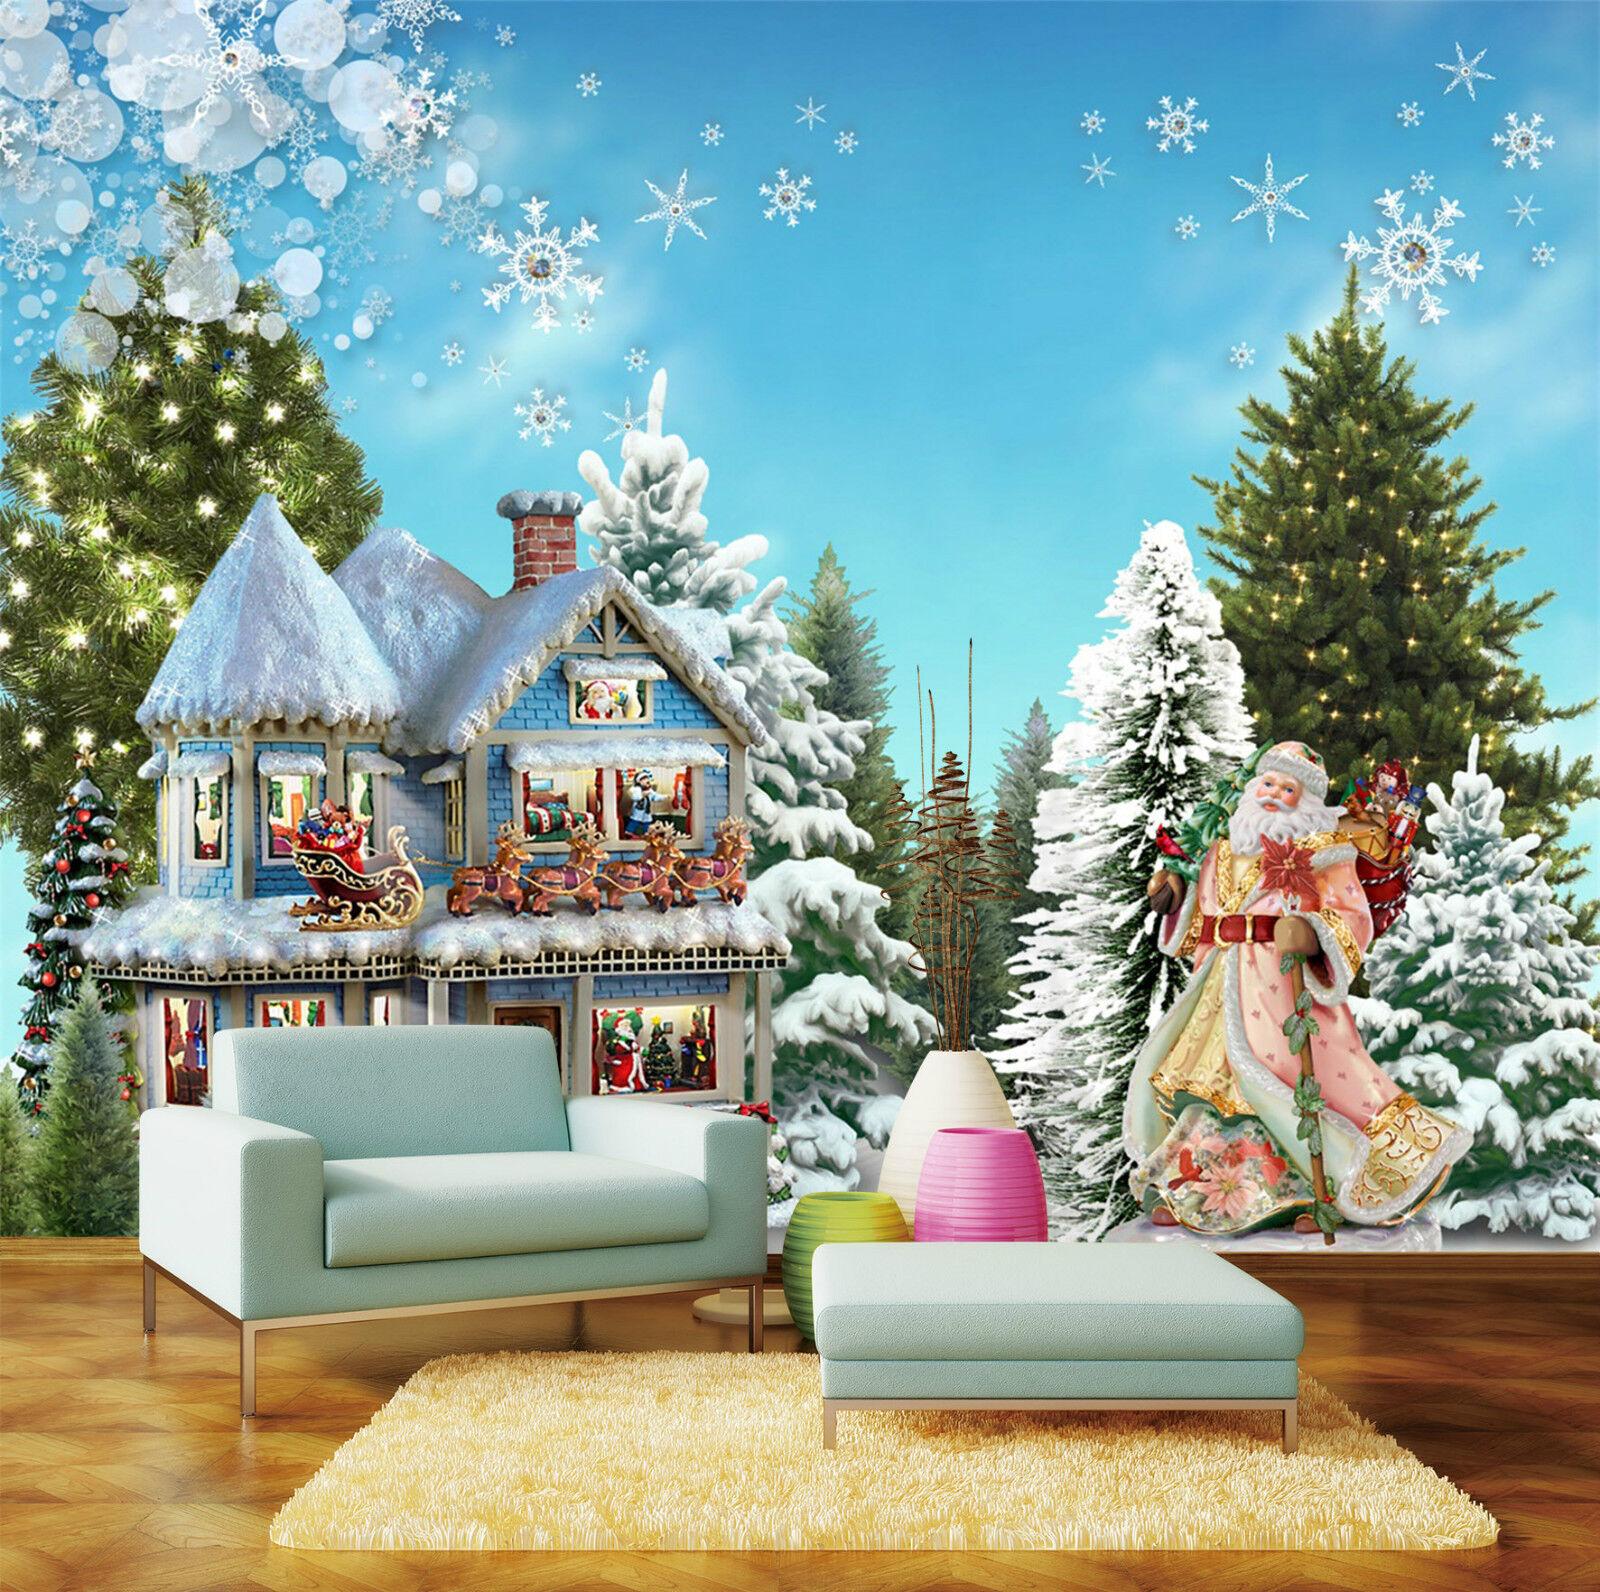 3D Weihnachten Schöne Baum 23 Fototapeten Wandbild Bild Tapete Familie Kinder